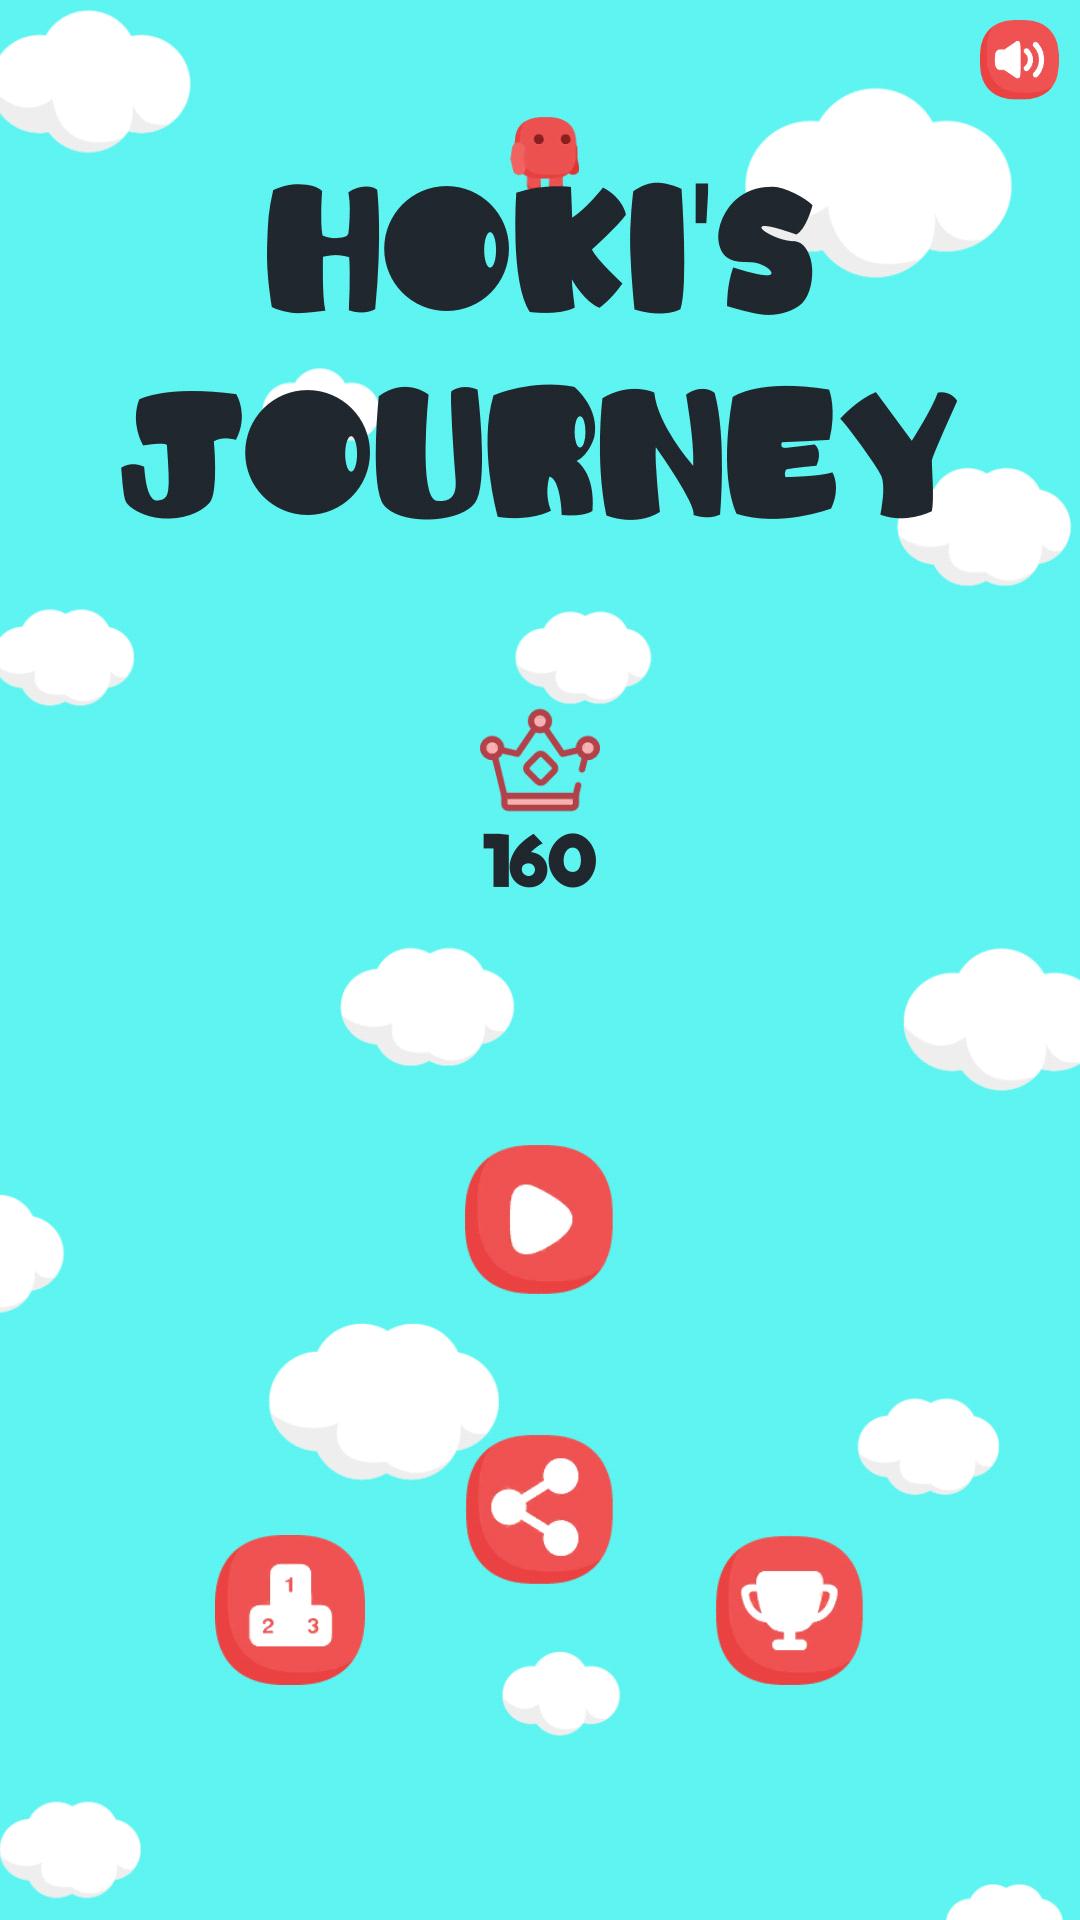 Hoki's Journey